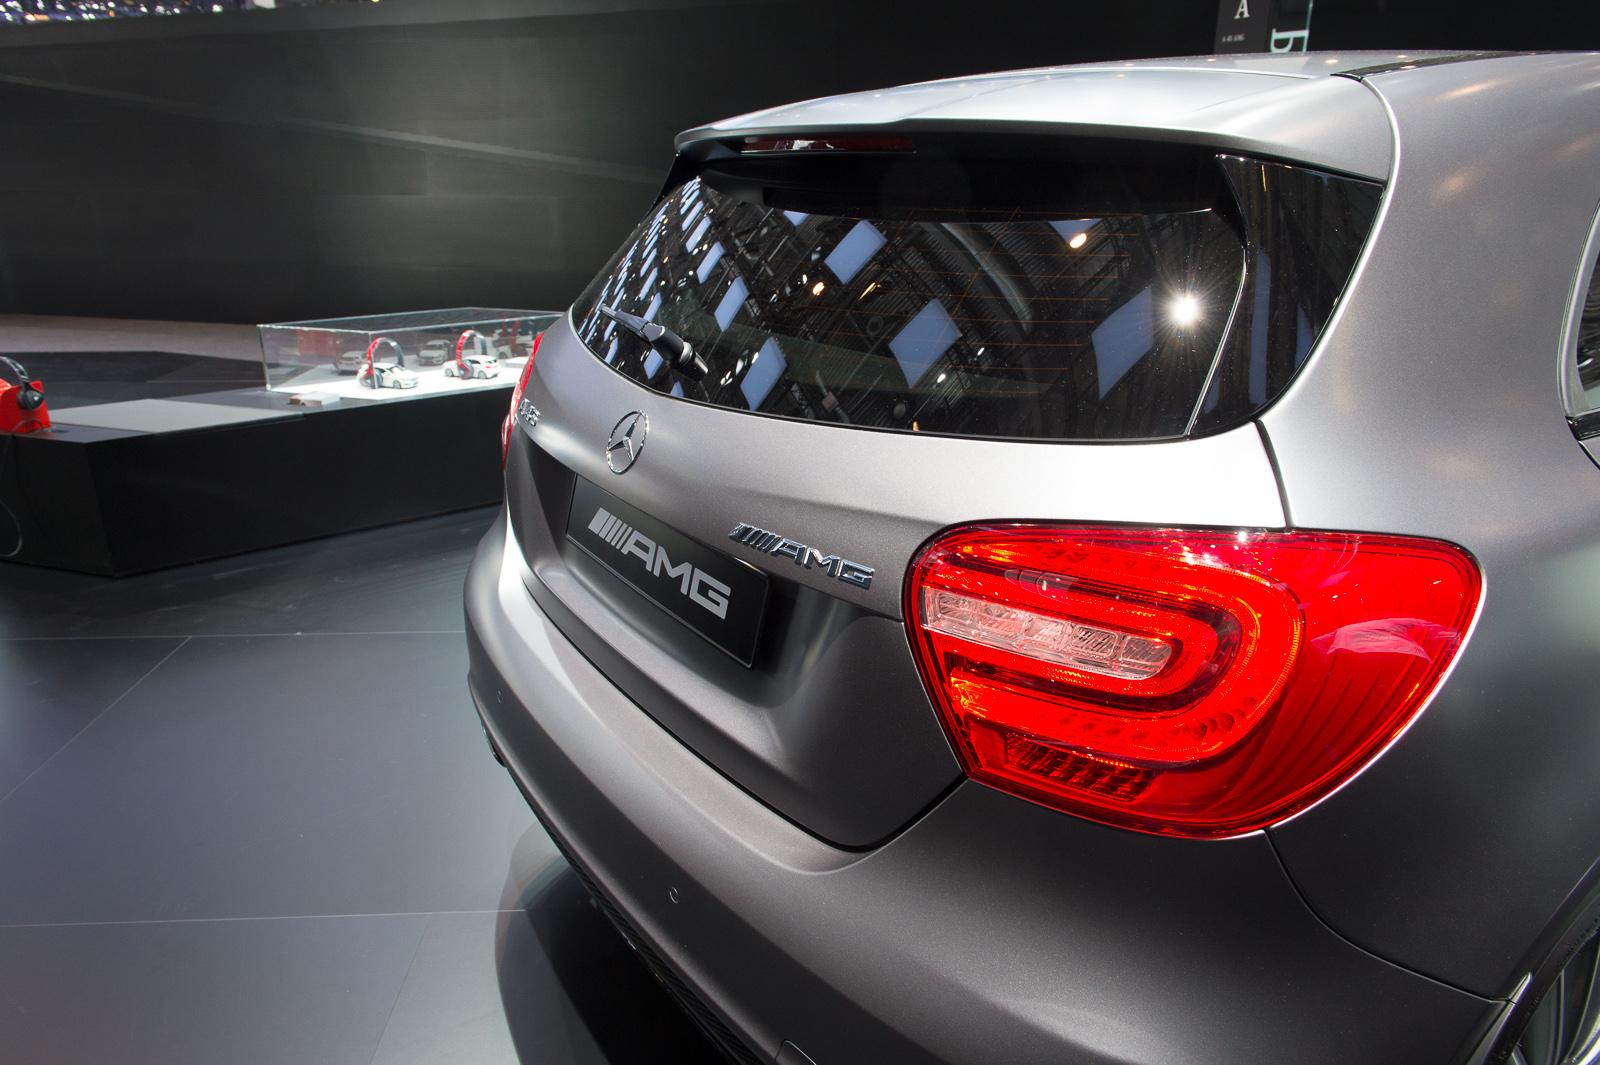 2013-mercedes-benz-a45-amg-mountaingrau-metallic-genf-auto-salon-11